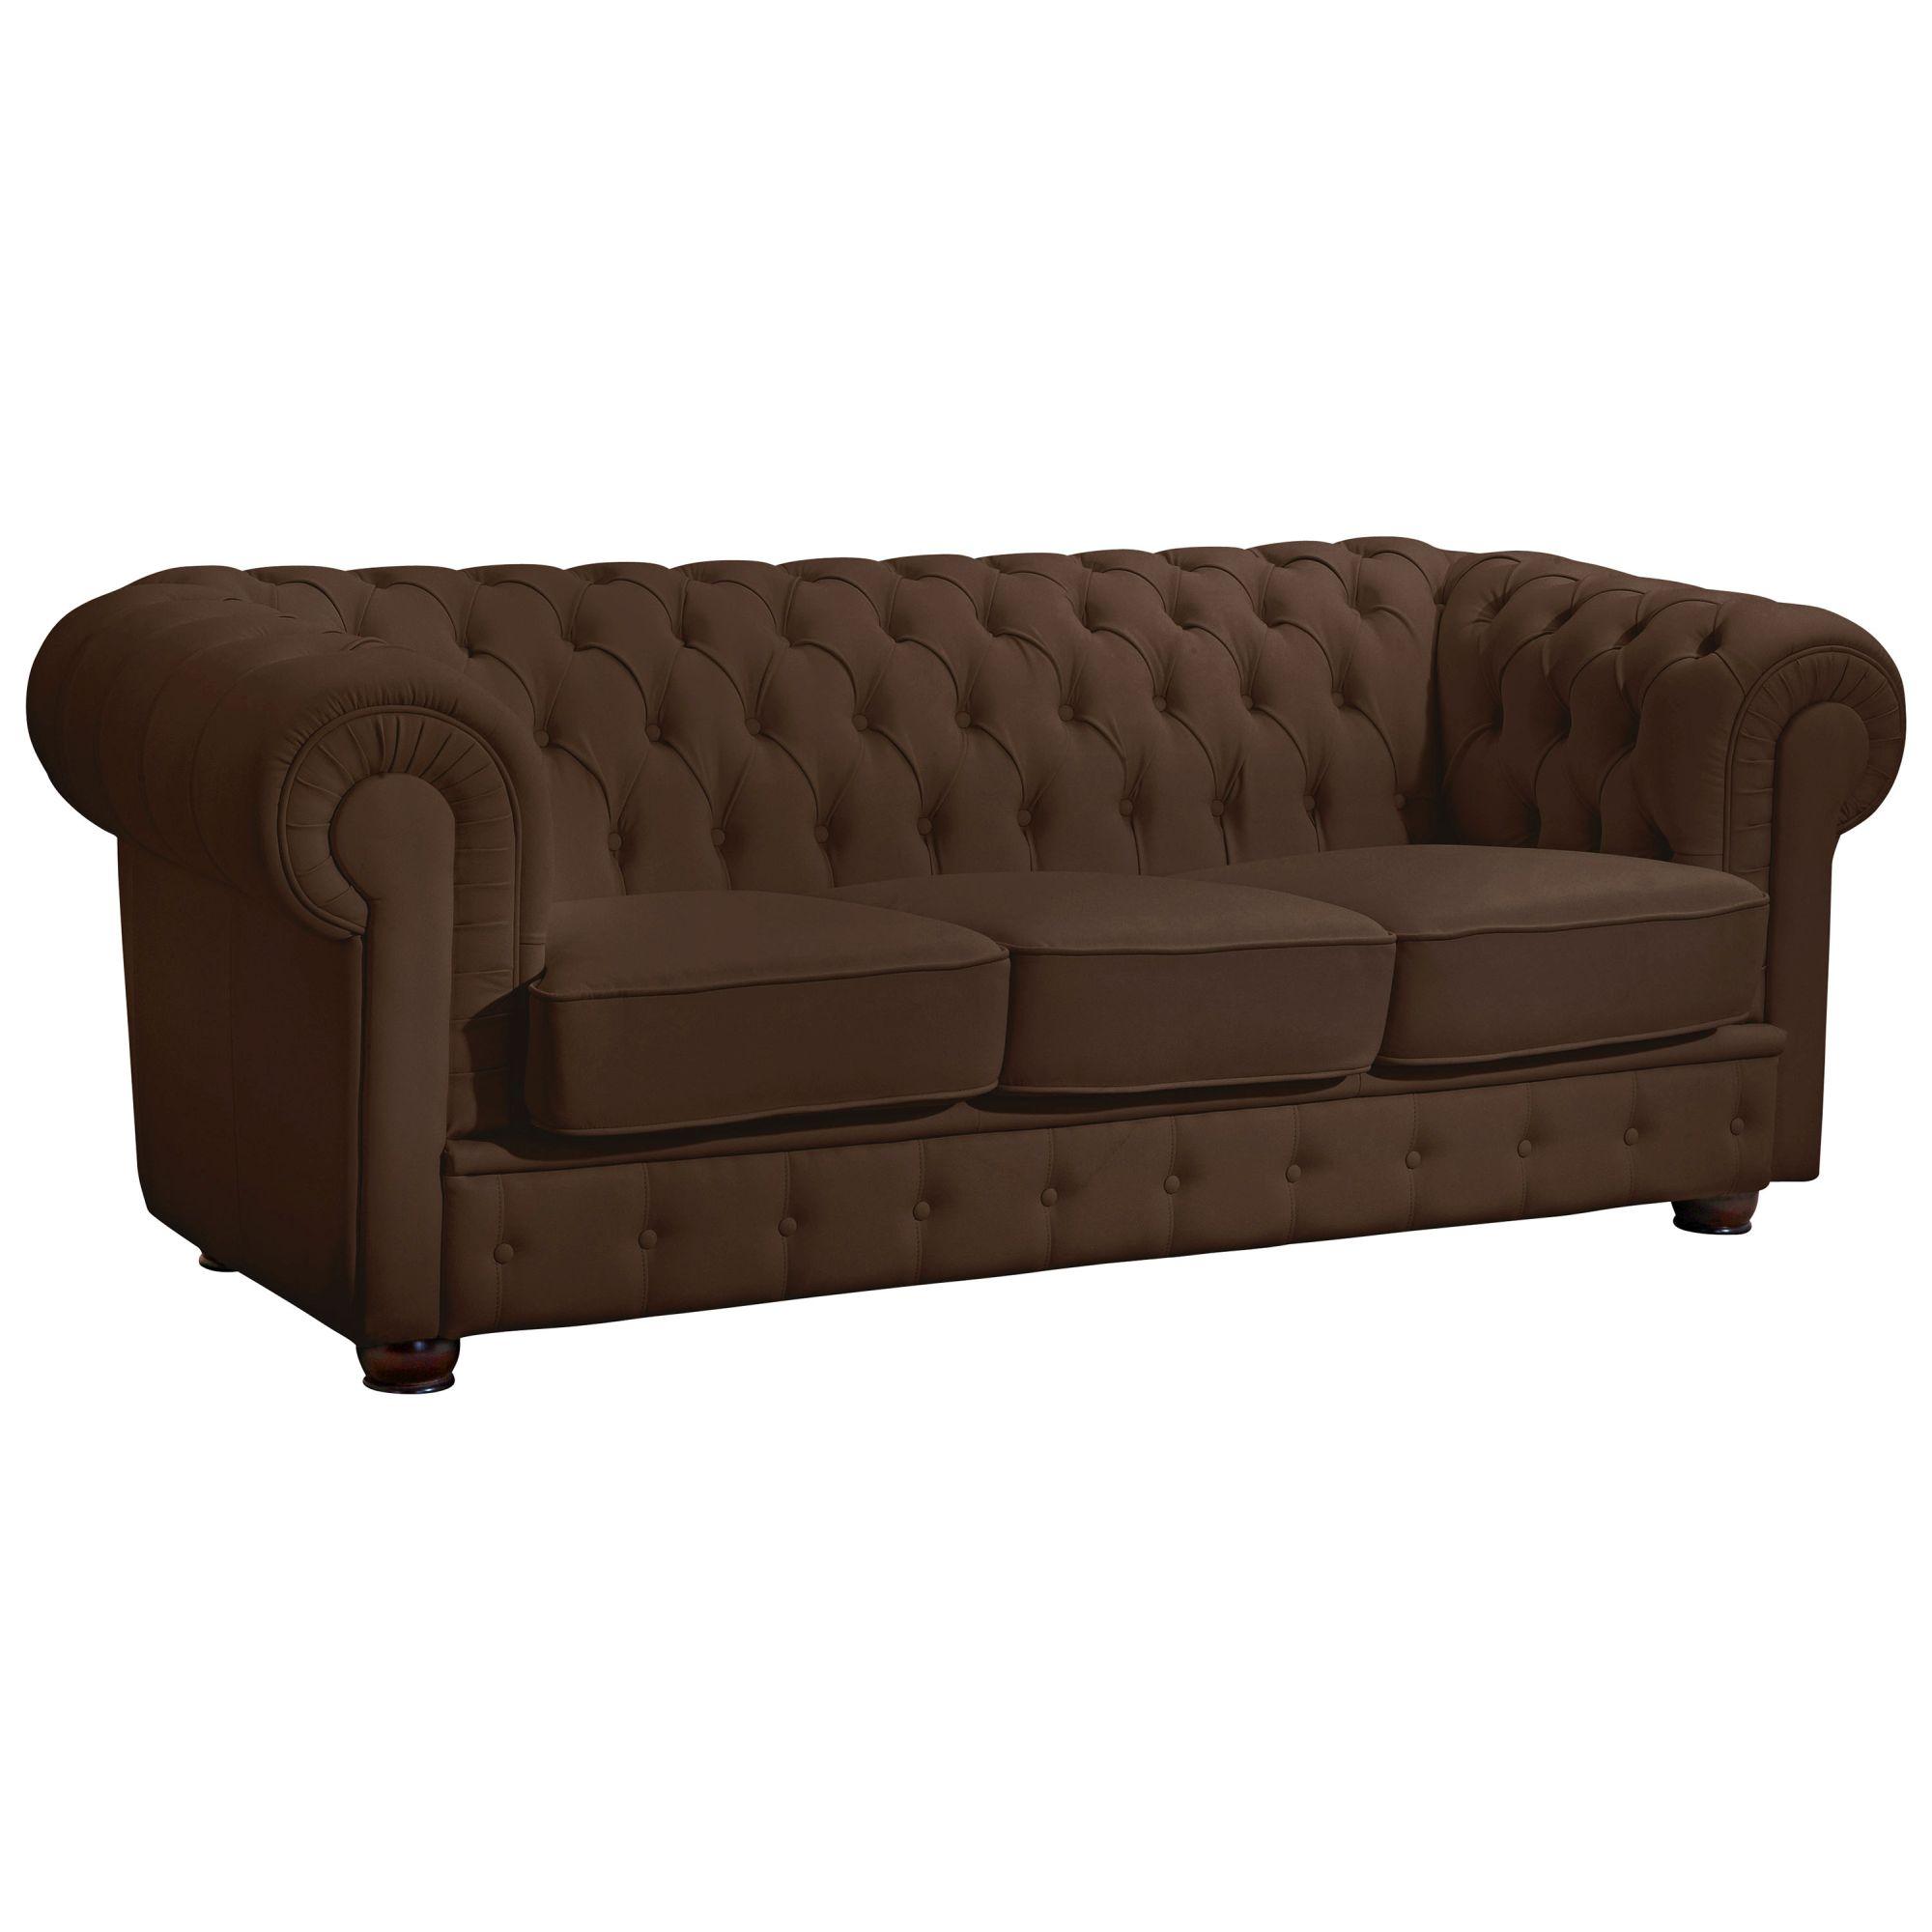 Full Size of Sofa Günstig Kaufen Mawinzer Bridgeport Kunstleder Gnstig Mit Abnehmbaren Bezug L Form Günstige Schlafzimmer Komplett Ikea Schlaffunktion 2 Sitzer Bett Sofa Sofa Günstig Kaufen